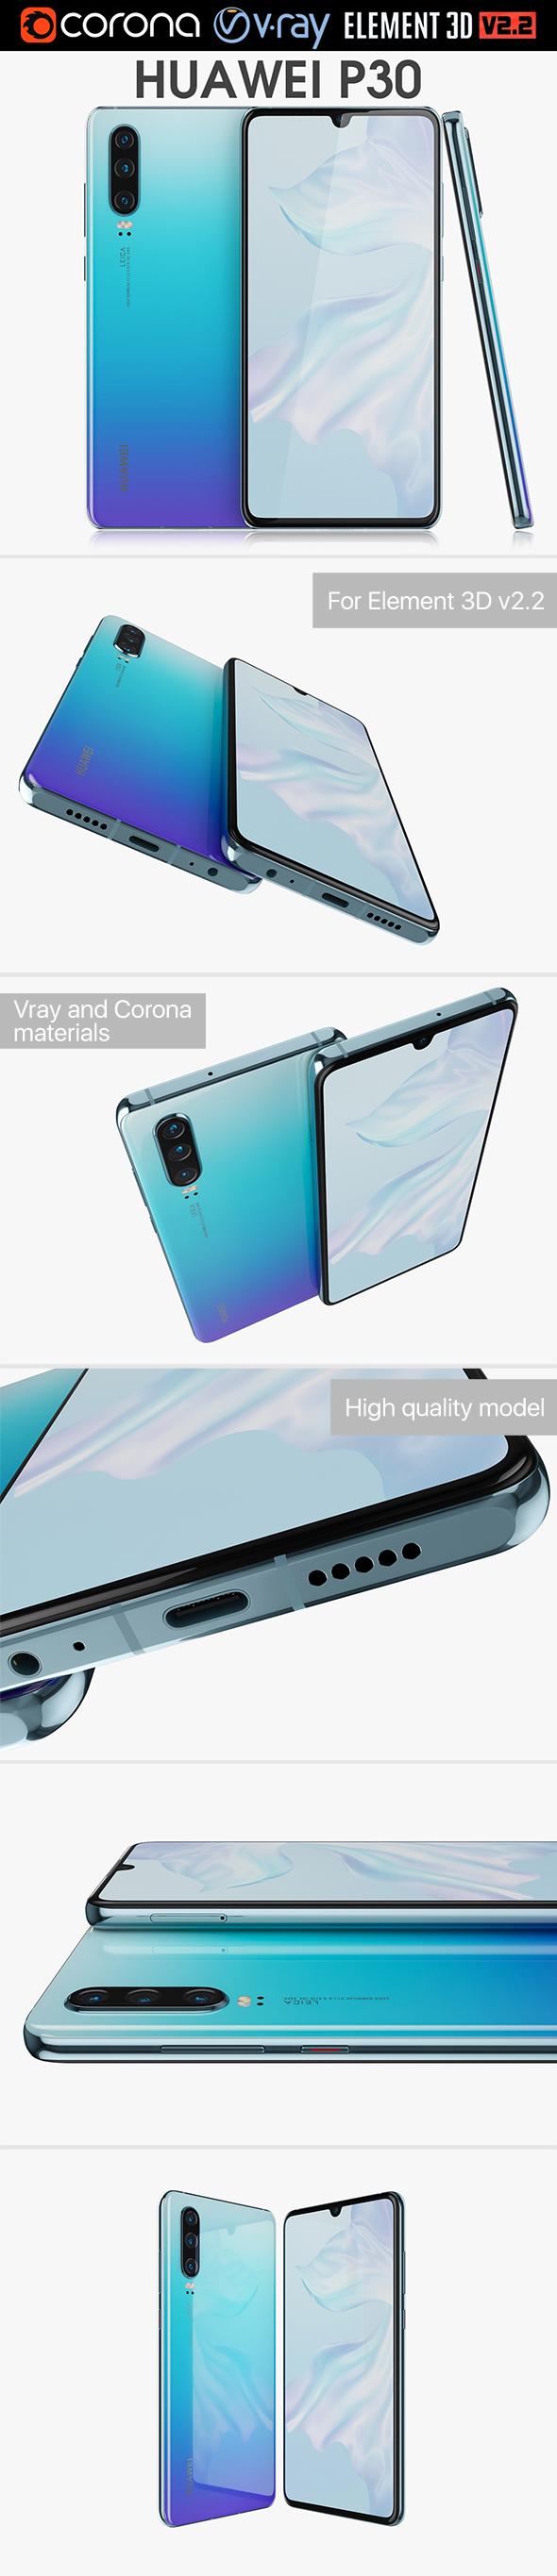 Huawei P30 Breathing Crystal